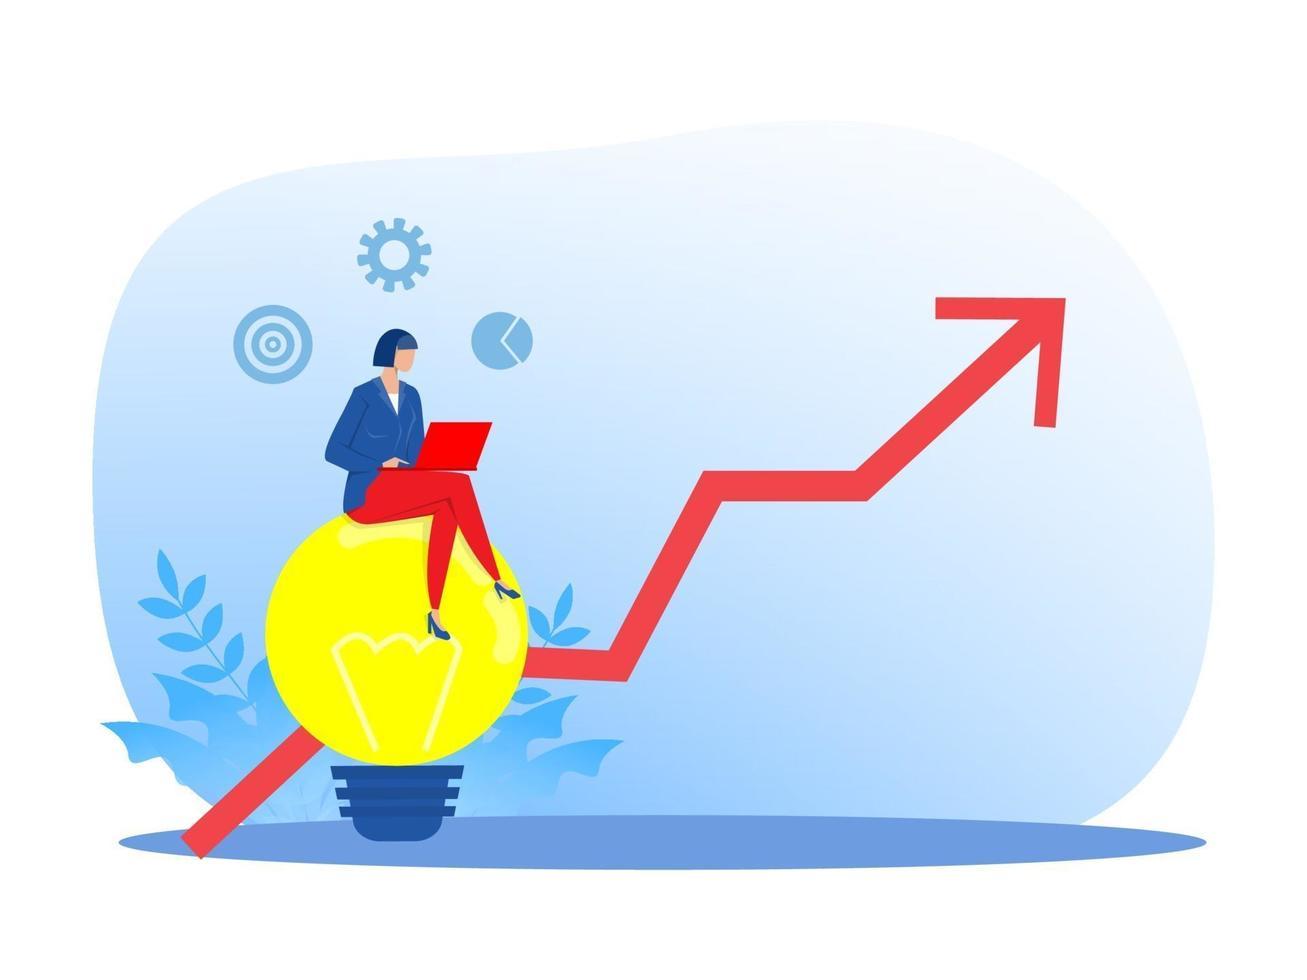 Geschäftsfrau schuf Idee mit Pfeil im Ziel, Zielerreichung Konzept, Vektor